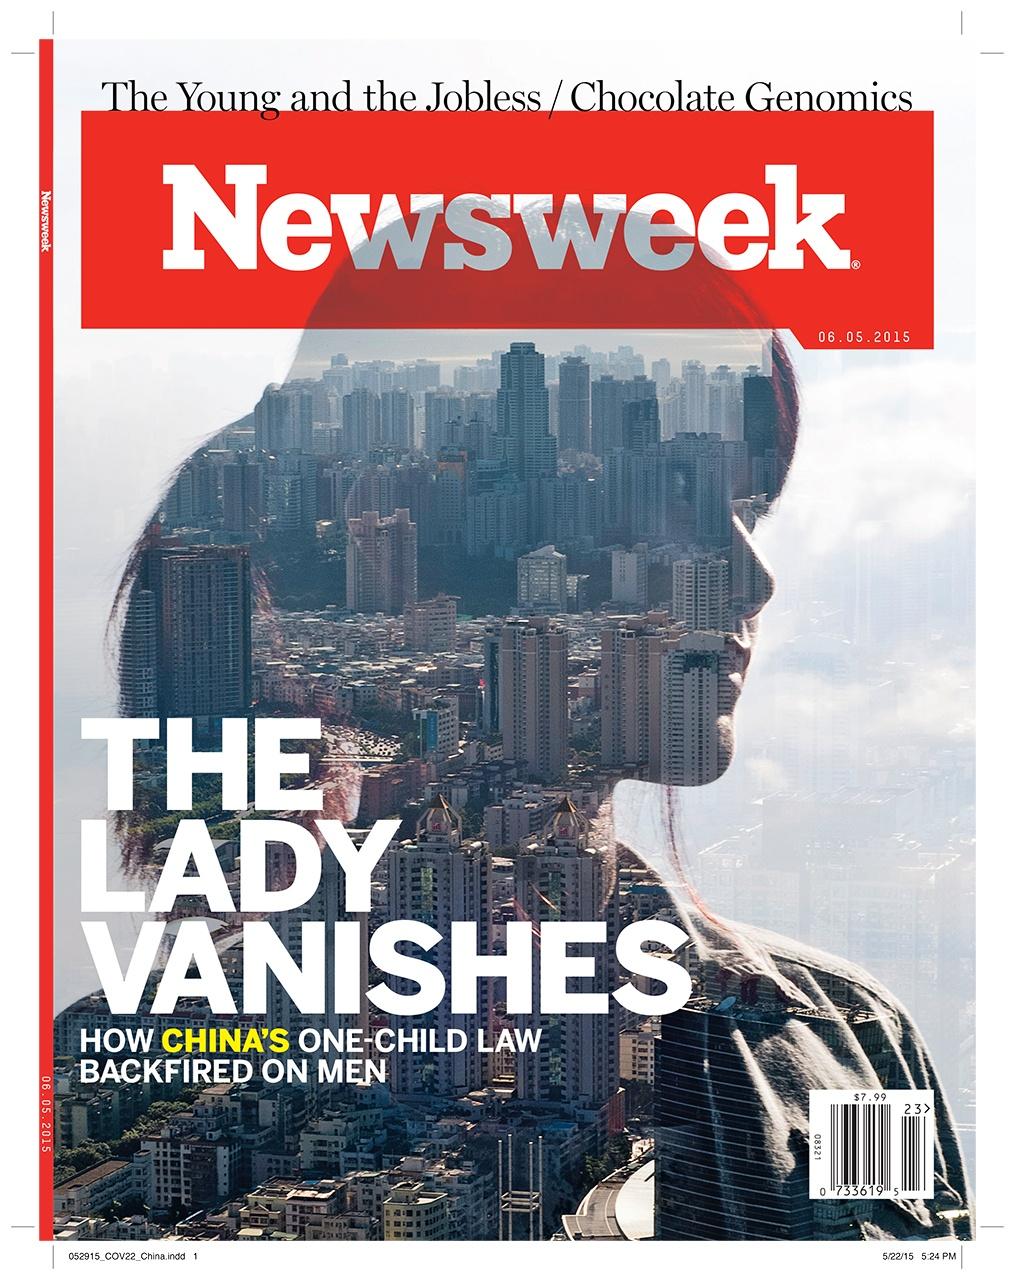 NEWSWEEK COVER